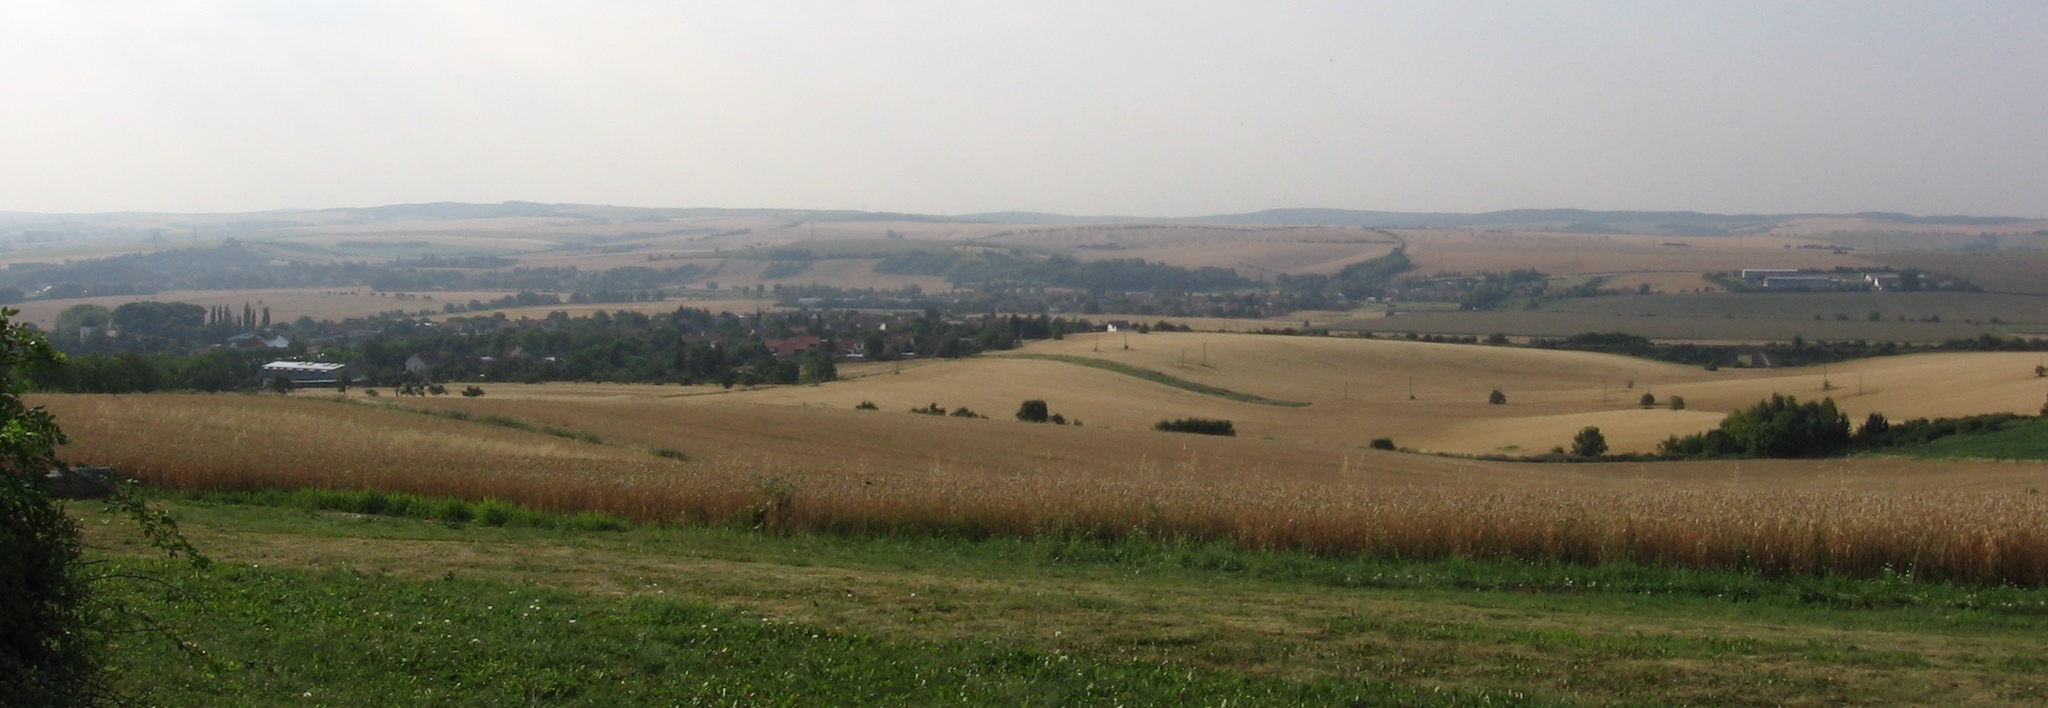 Campul de batalie de la Austerlitz